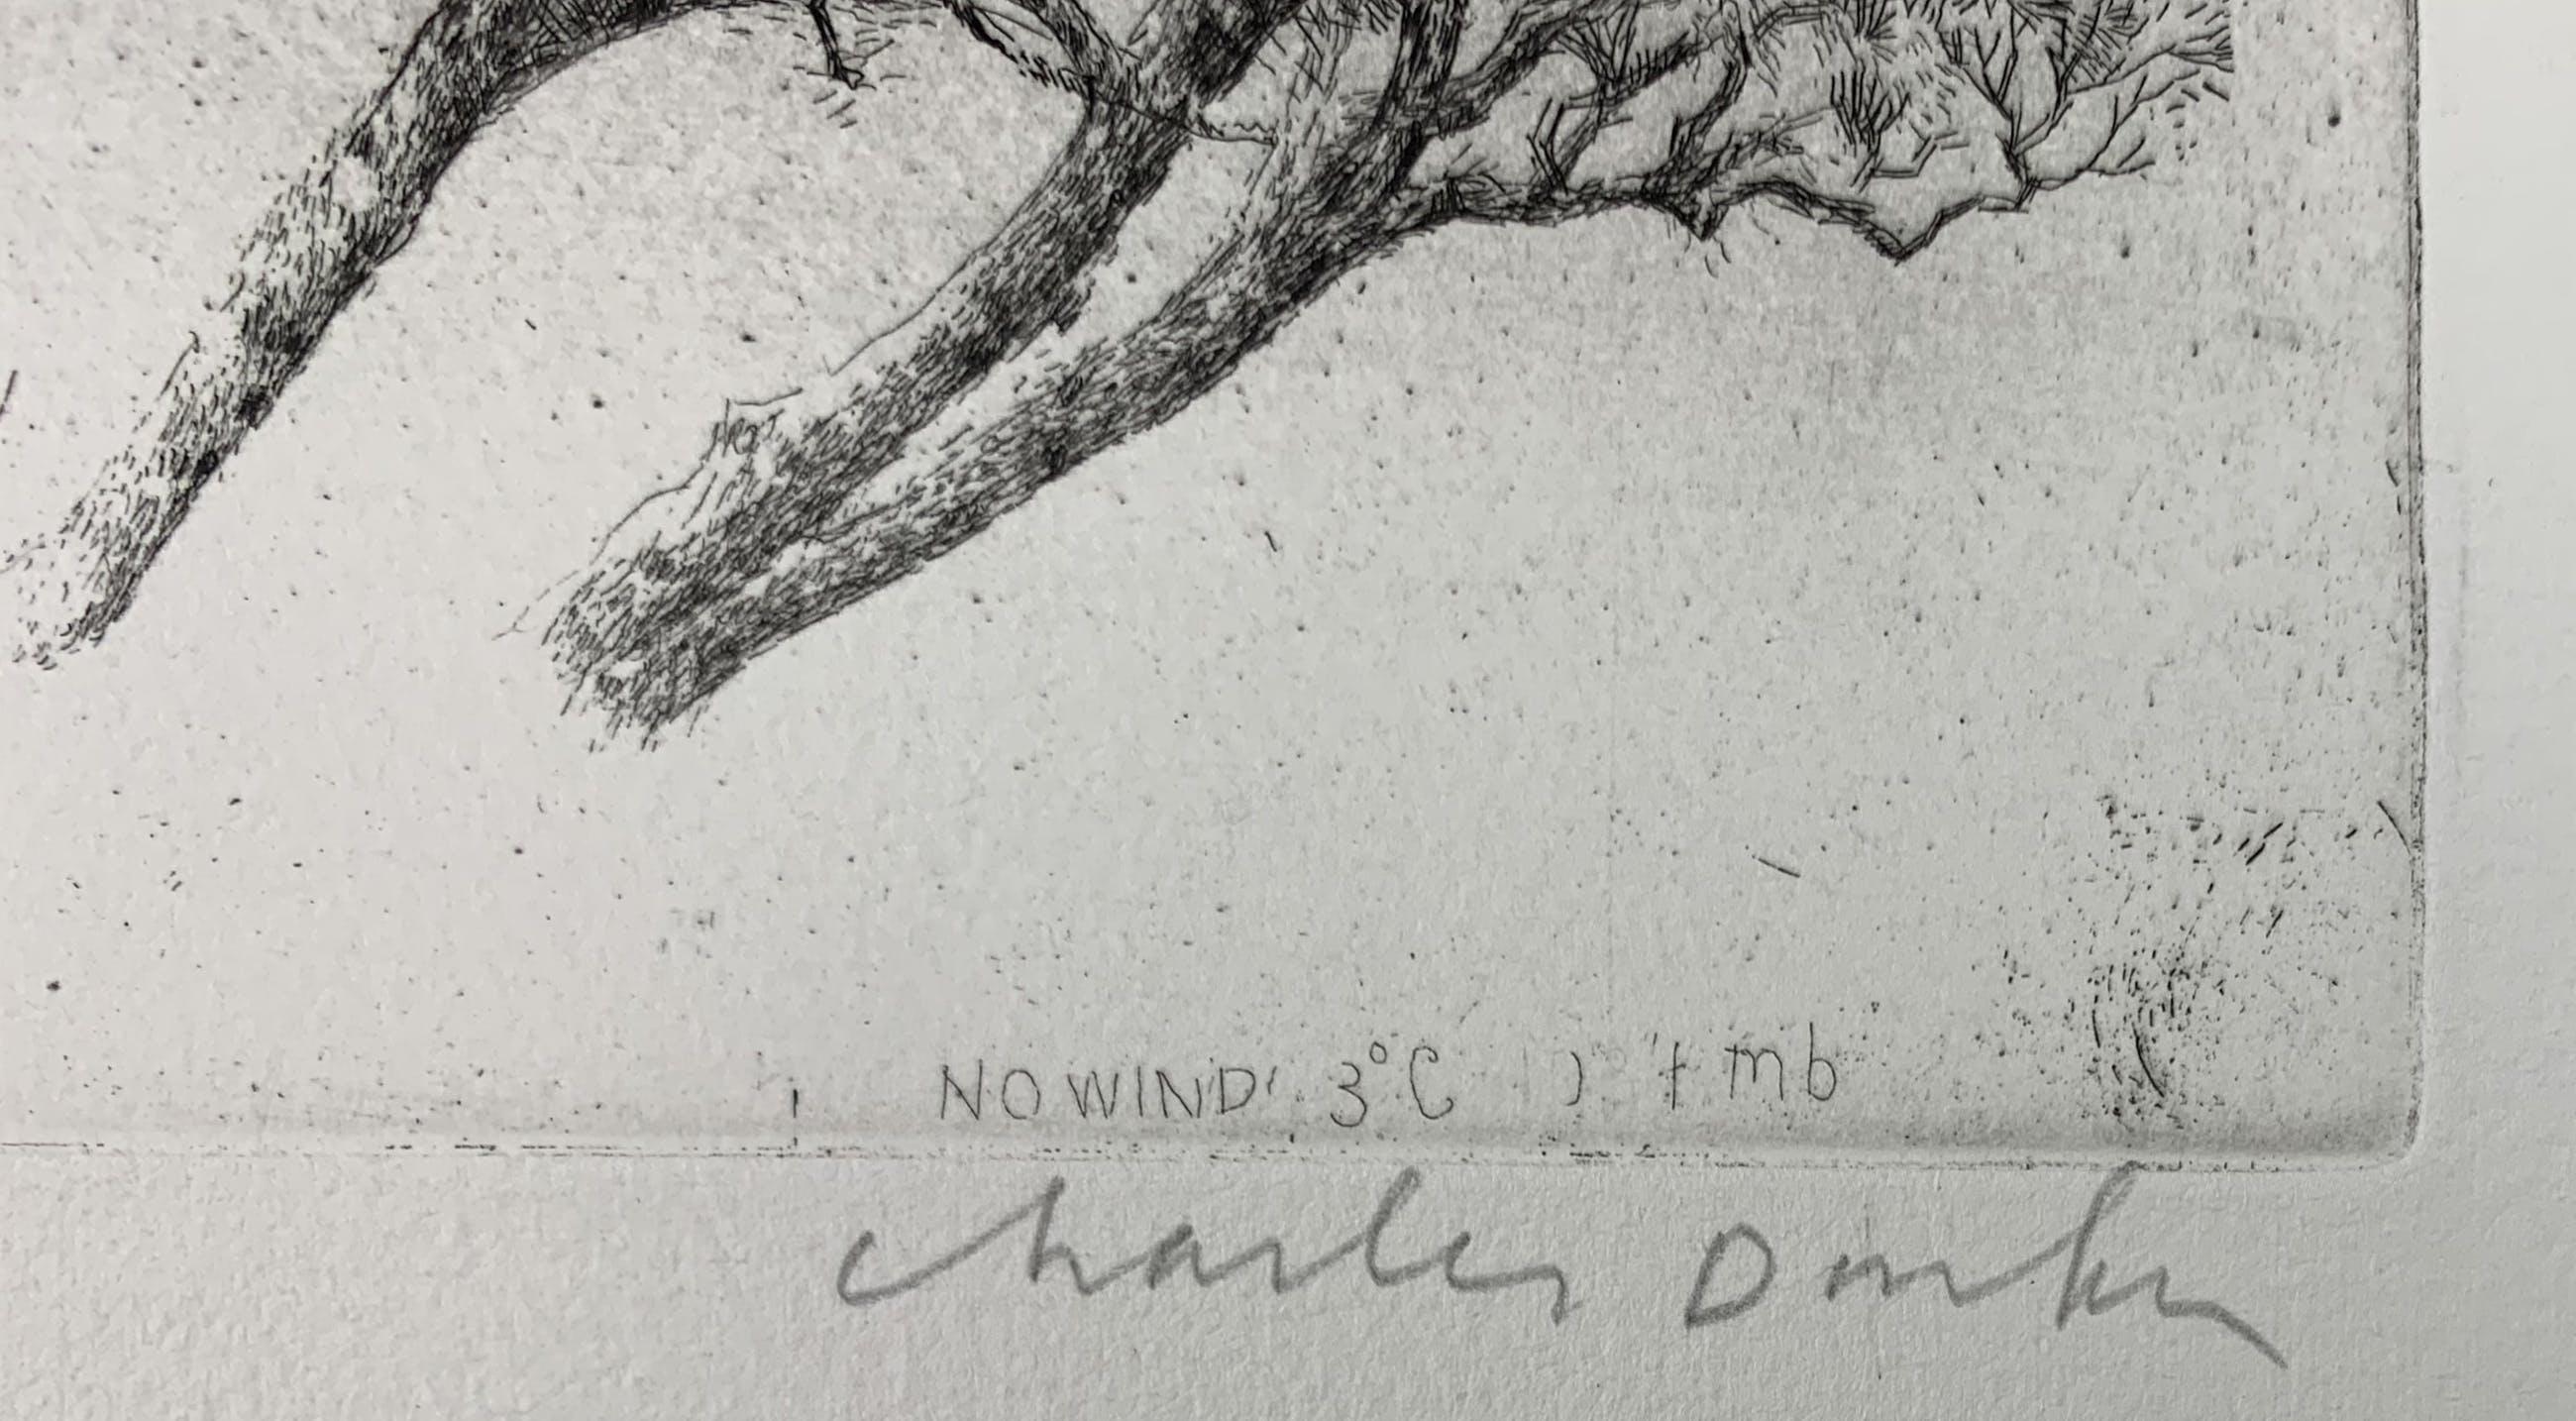 Charles Donker - ets - Noordoostenwind - definitieve, 3e staat - 1984 kopen? Bied vanaf 350!